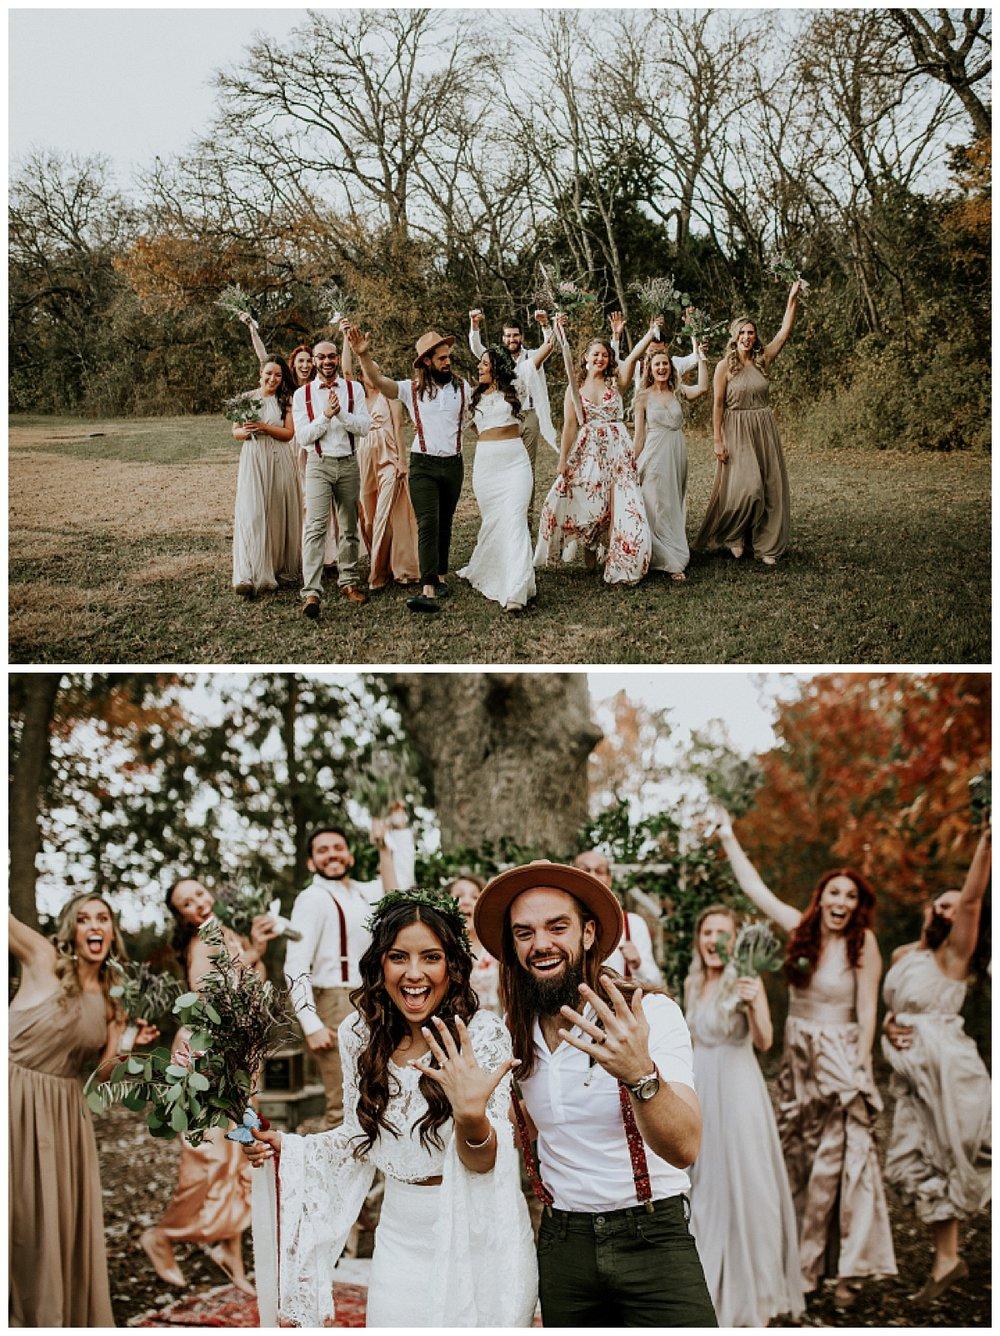 boho-styled-texas-wedding